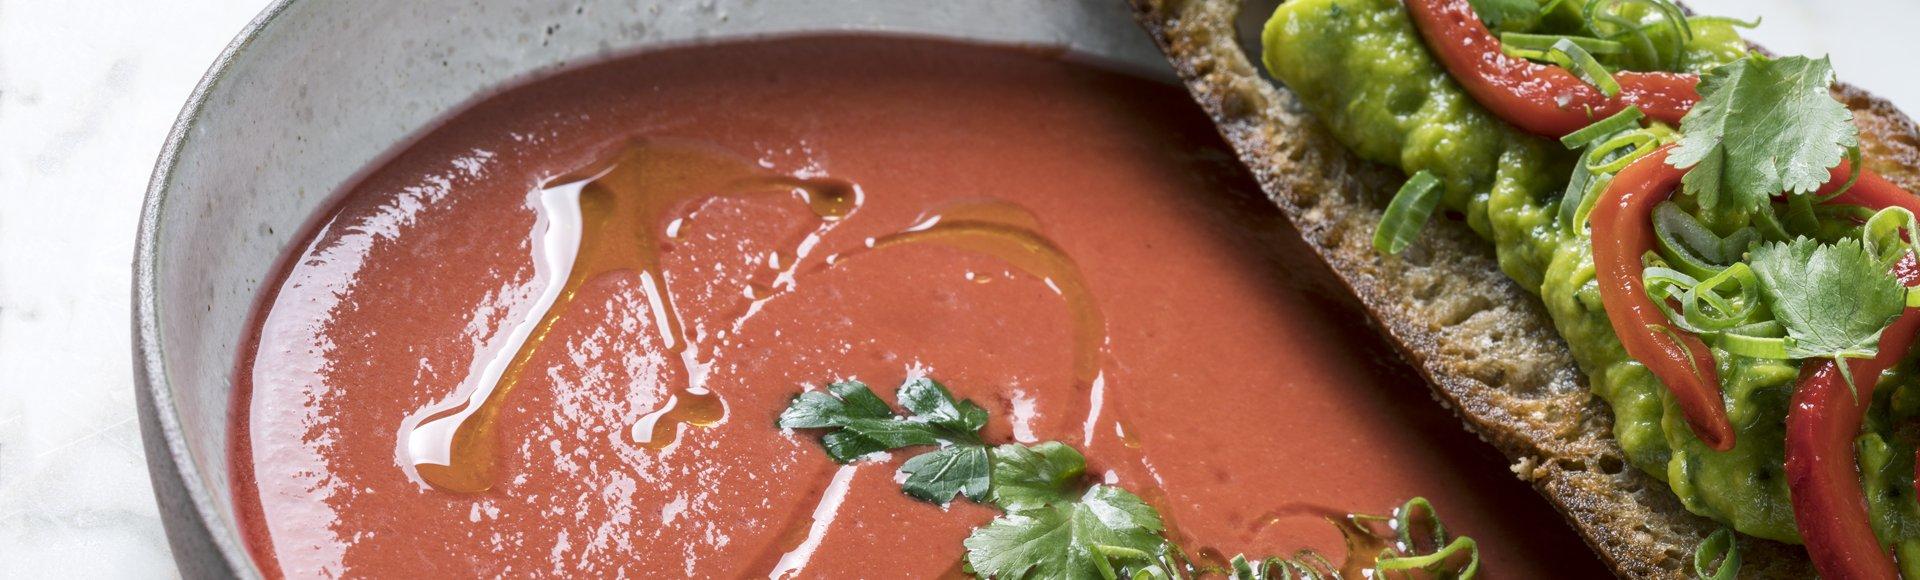 Κρύα σούπα ντομάτας και μπρουσκέτα με αβοκάντο και φρέσκο κόλιανδρο